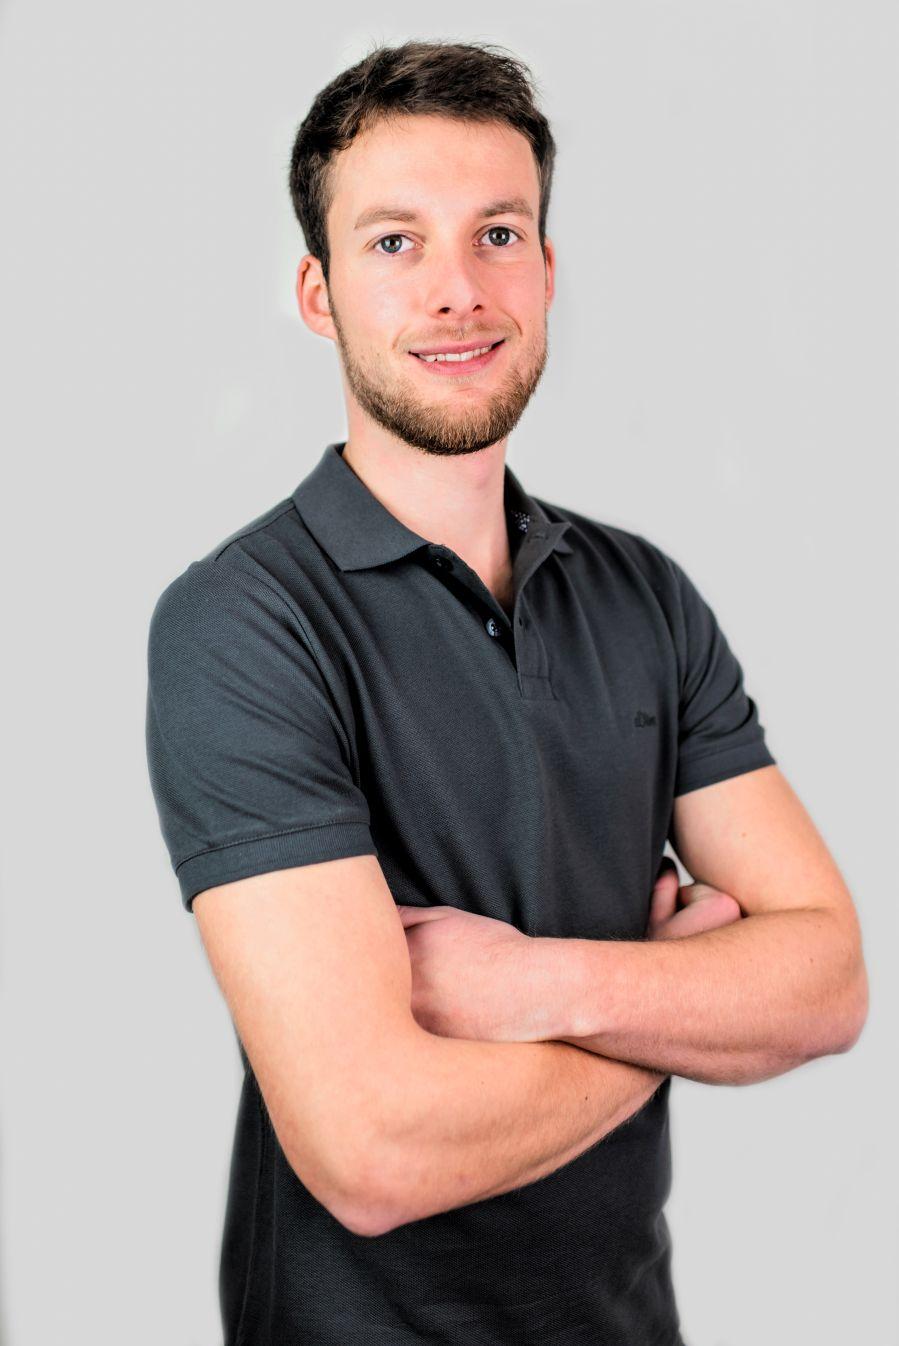 Thorsten Bednarek